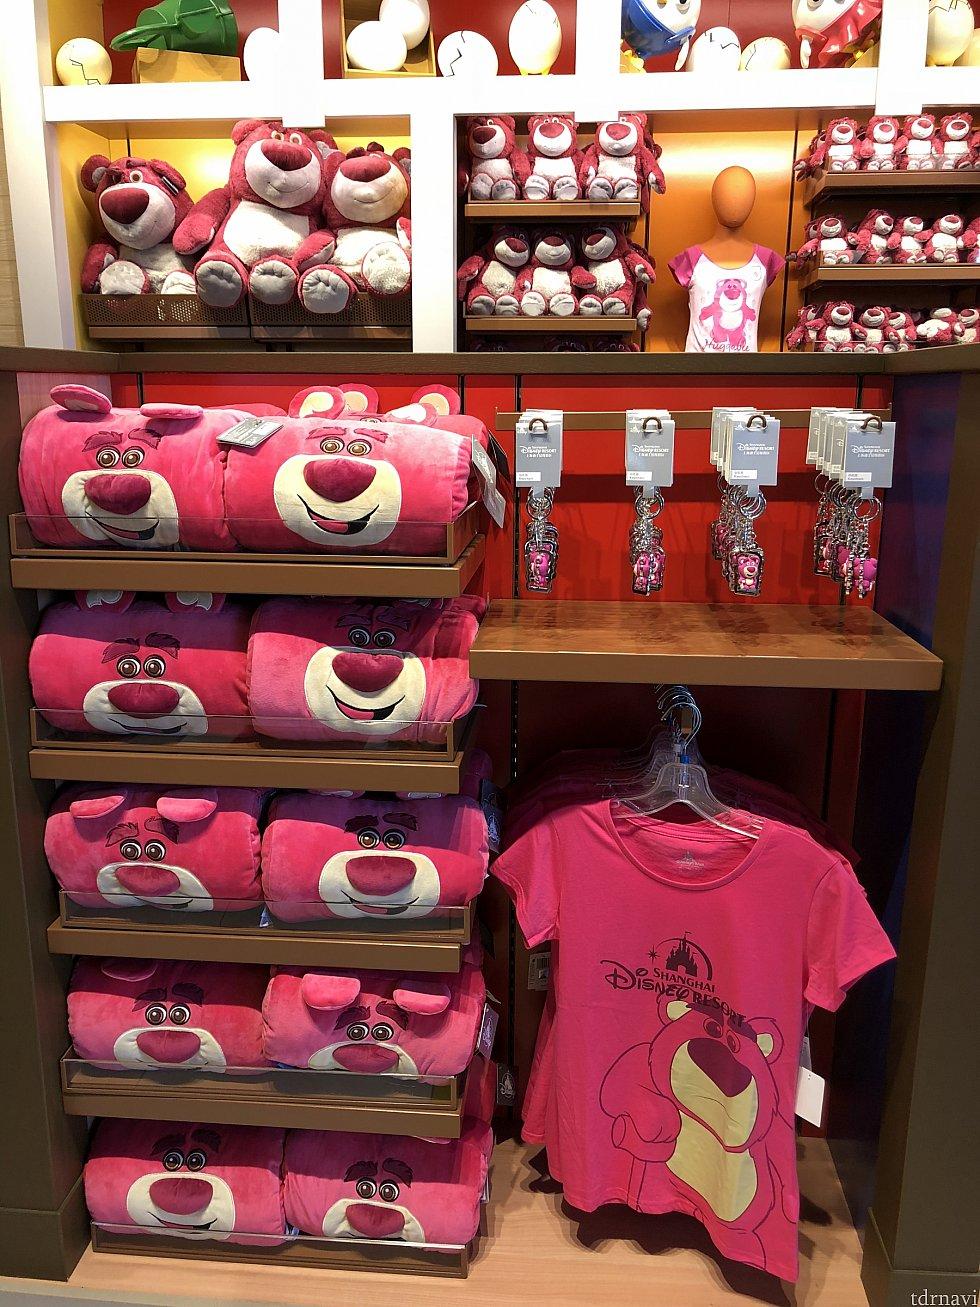 ロッツォのグッズも色々♡ 大人用Tシャツ 149元 筒状クッション?99元 ぬいぐるみ(大)359元 (中)169元 (小)119元